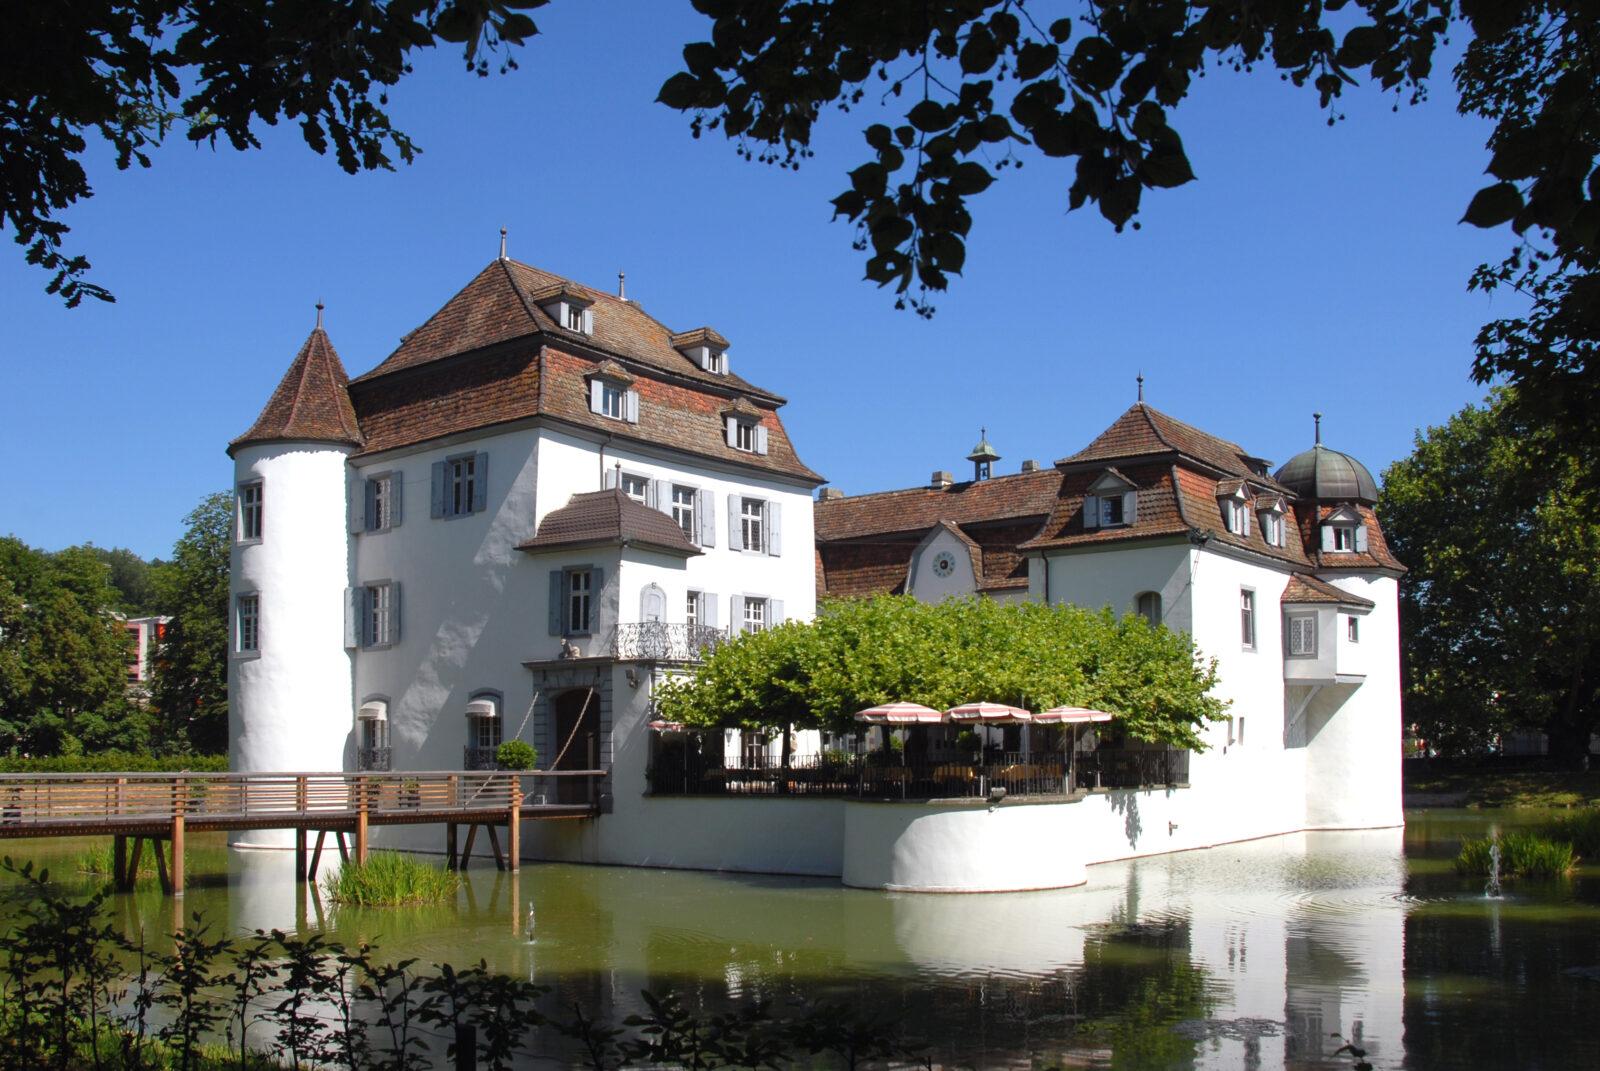 392 Schloss Bottmingen 09 Paul Menz